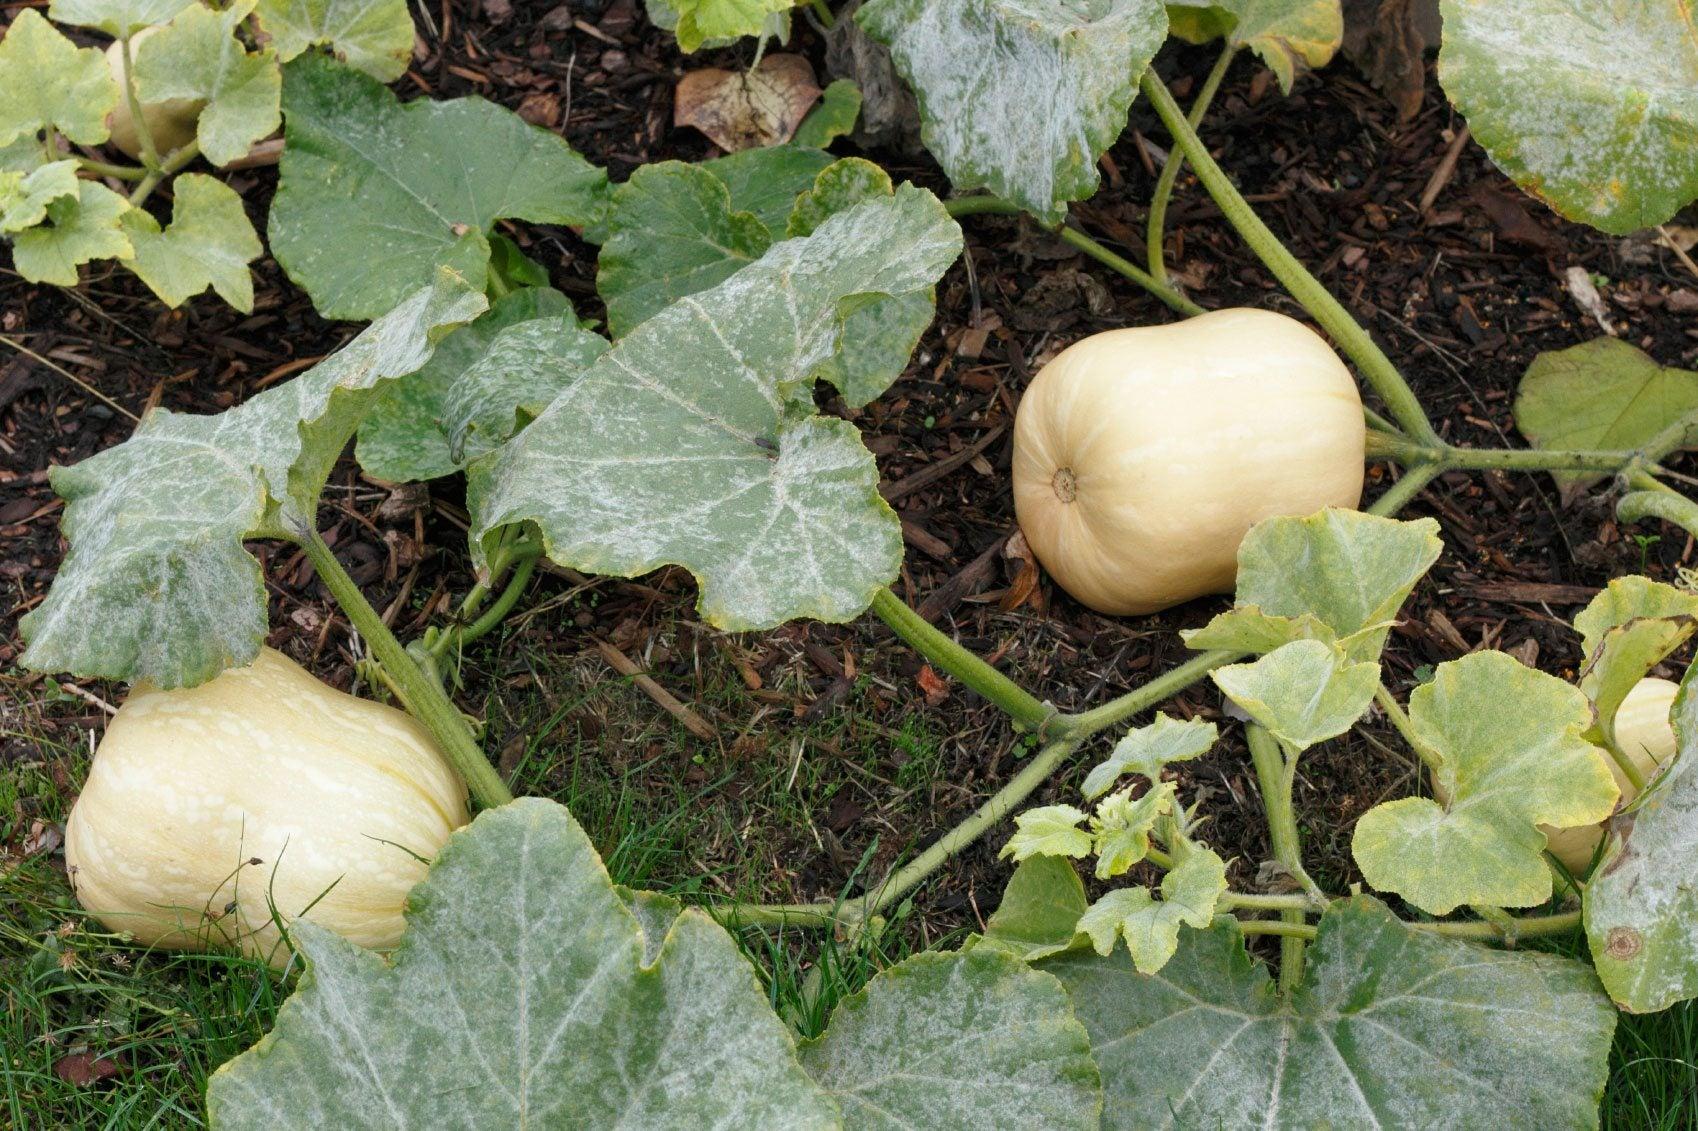 Planting squash